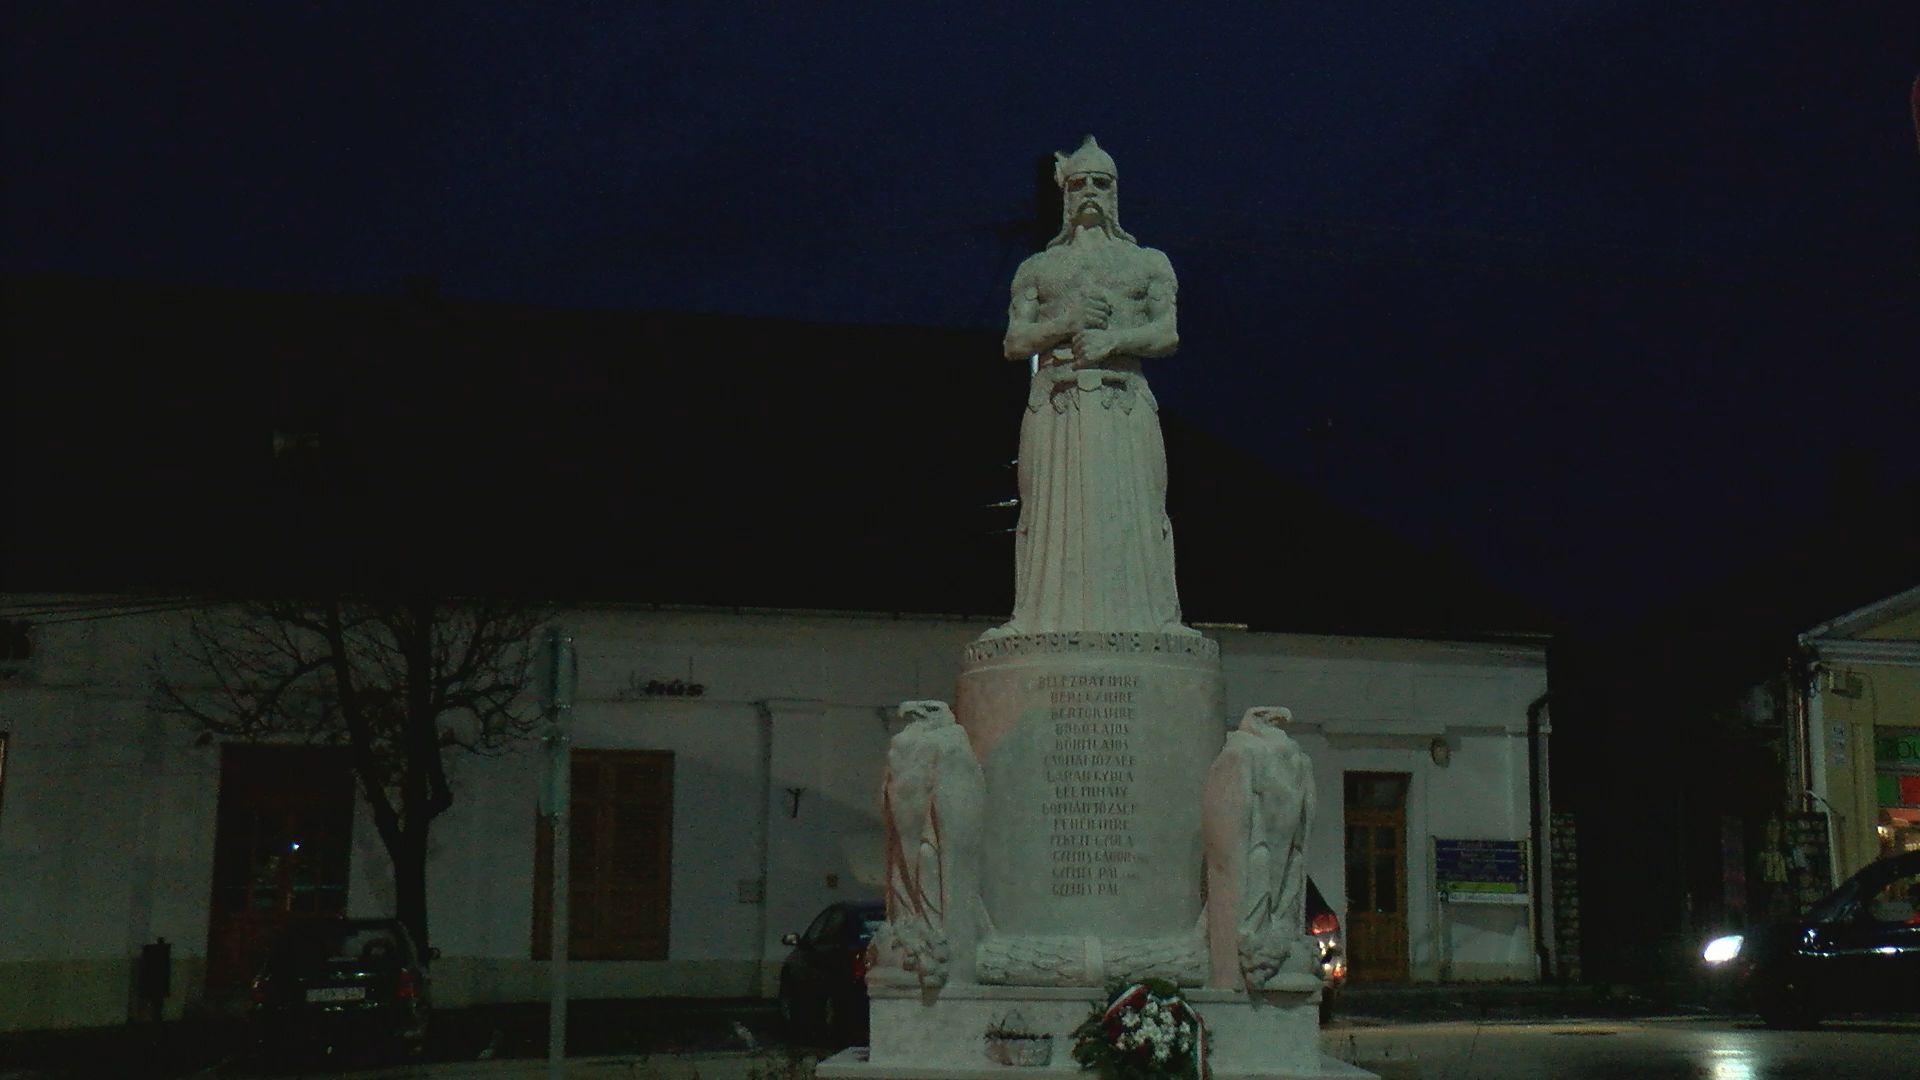 Felújították és megáldották az első világháborús emlékművet